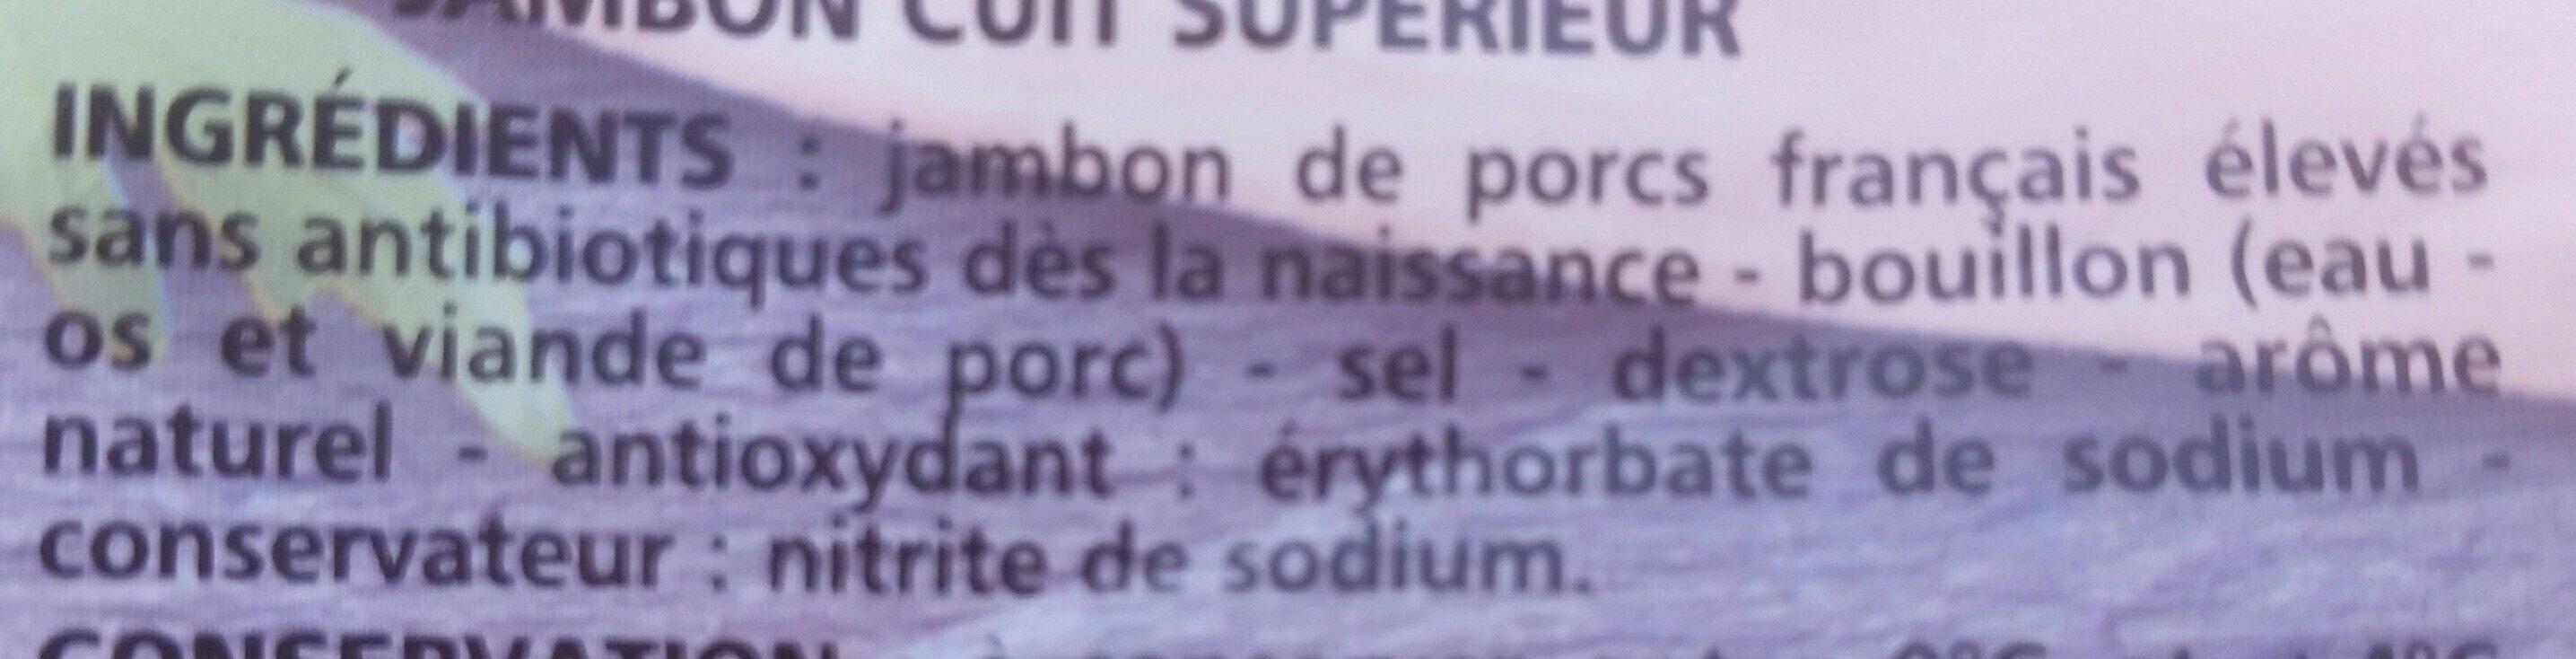 Jambon Supérieur - Porcs élevés sans antibiotiques dès la naissance - Ingrediënten